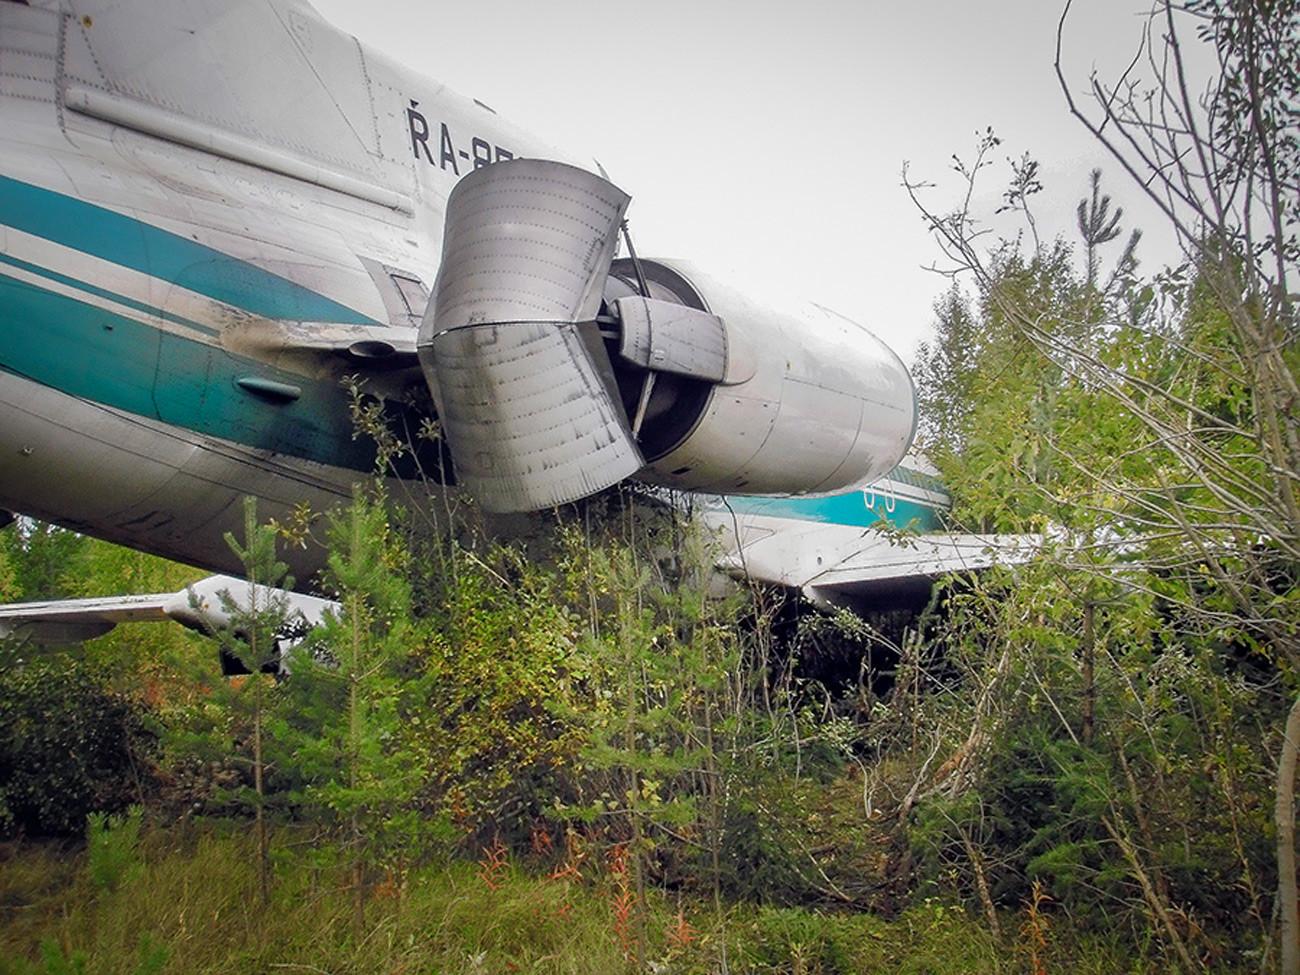 Todas as 81 pessoas a bordo do Tupolev Tu-154 sobreviveram.